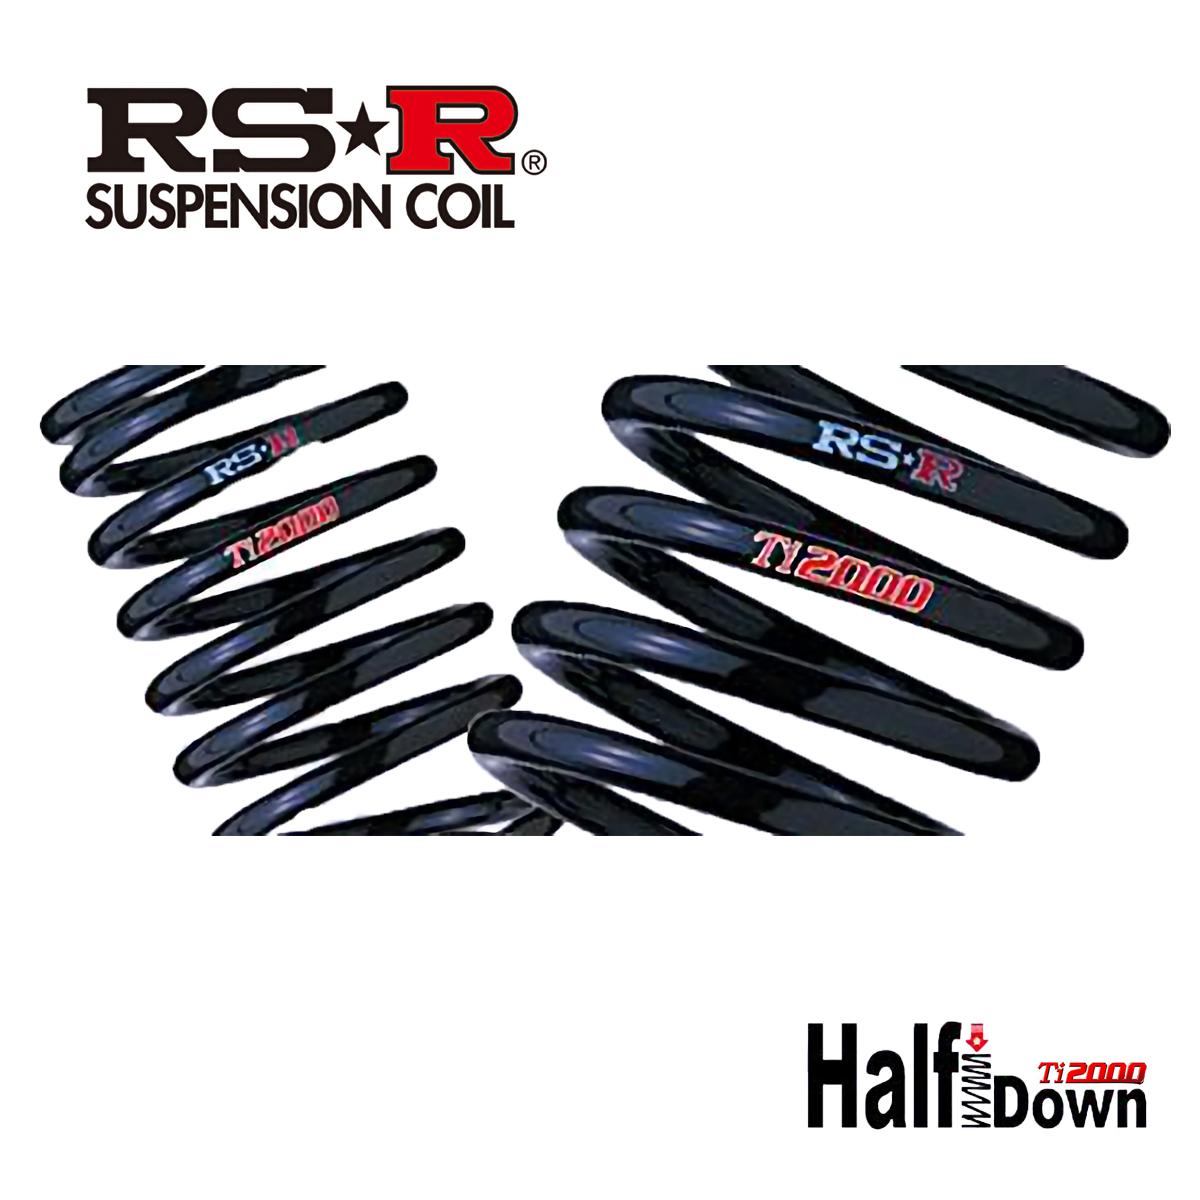 RS-R CX-5 CX5 KF2P XD プロアクティブ ダウンサス スプリング リア M502THDR Ti2000 ハーフダウン RSR 個人宅発送追金有